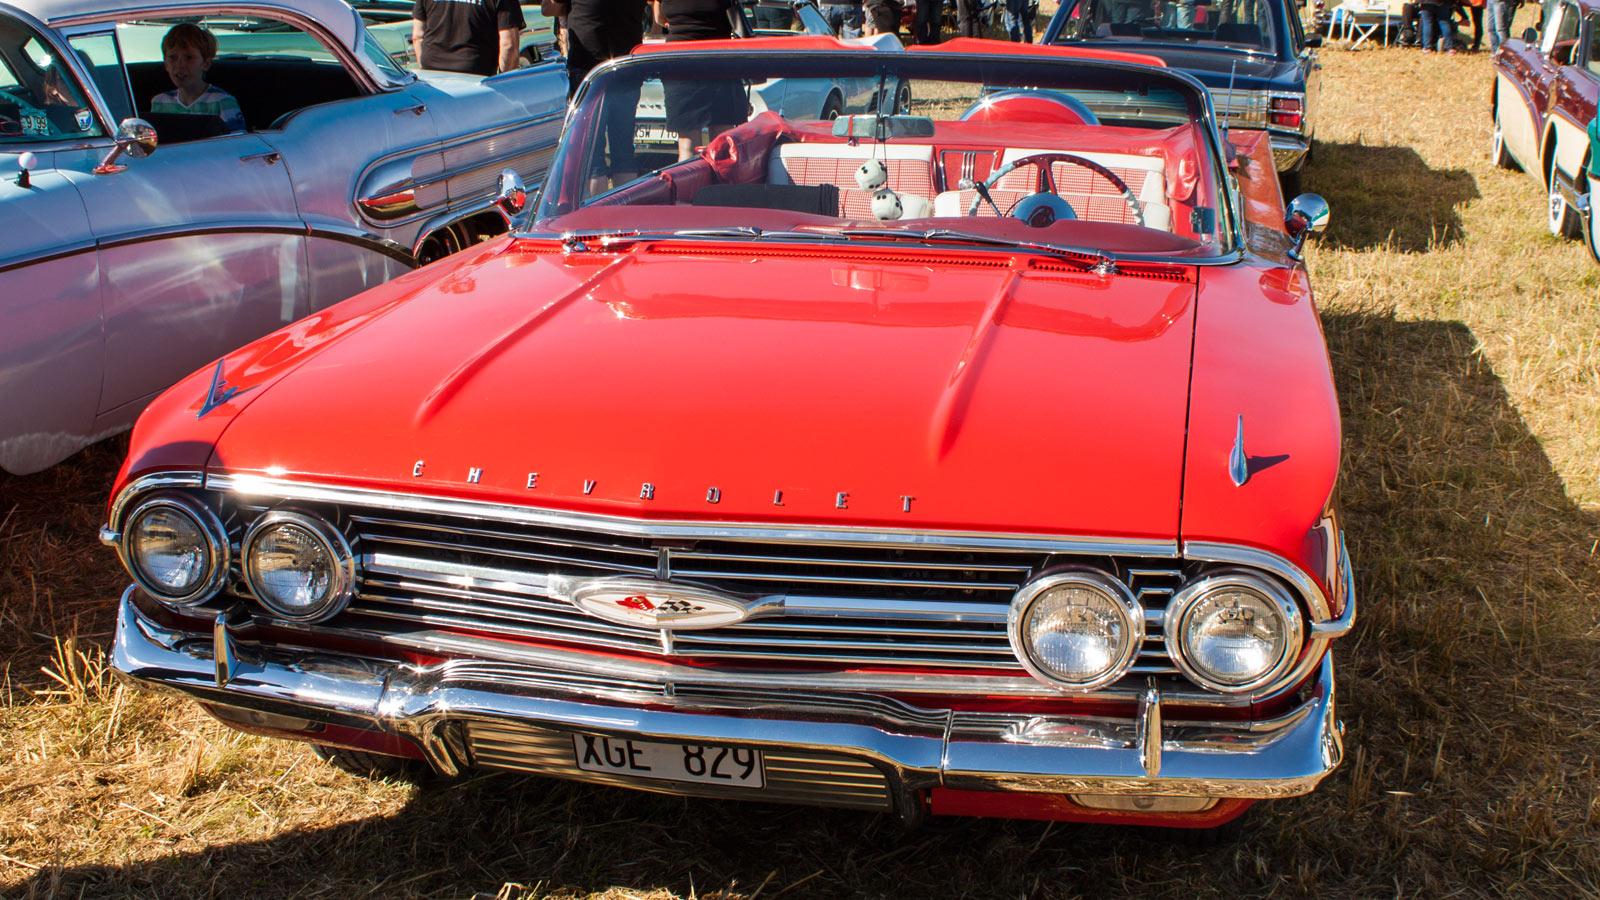 Kelebihan Impala 60 Top Model Tahun Ini